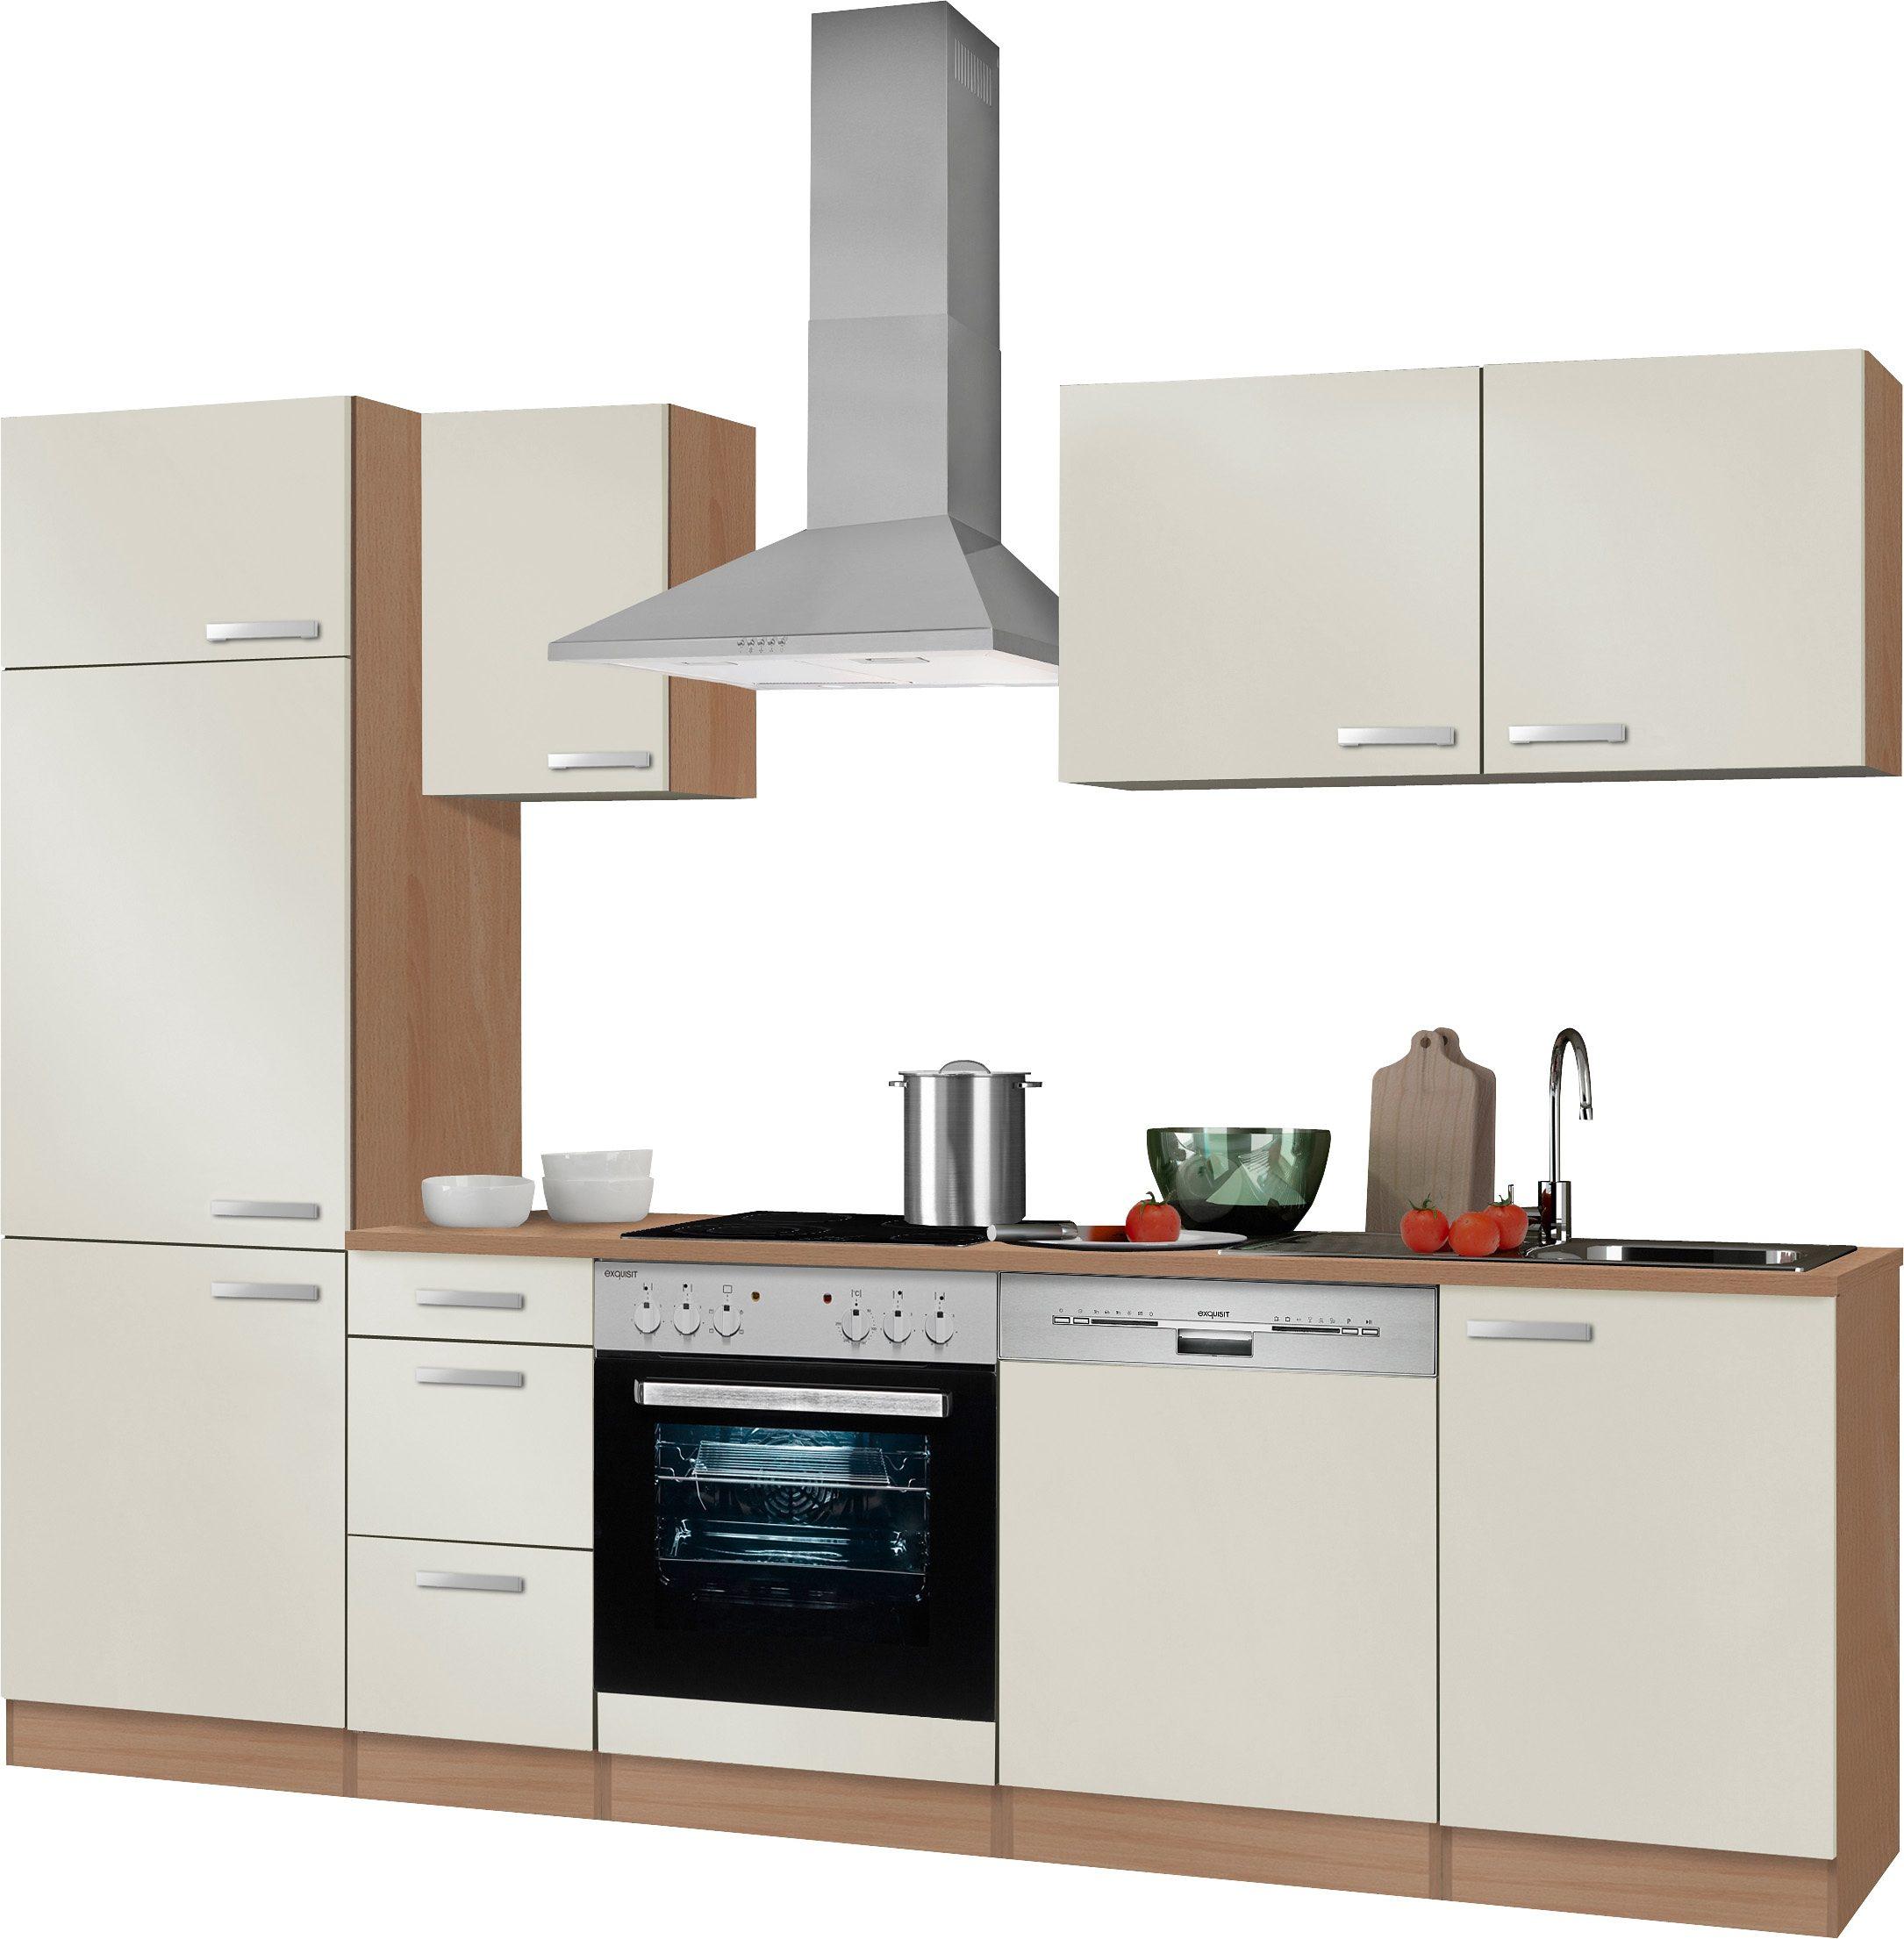 OPTIFIT Küchenzeile »Odense«, ohne E-Geräte, Breite 270 cm   Küche und Esszimmer > Küchen   OPTIFIT